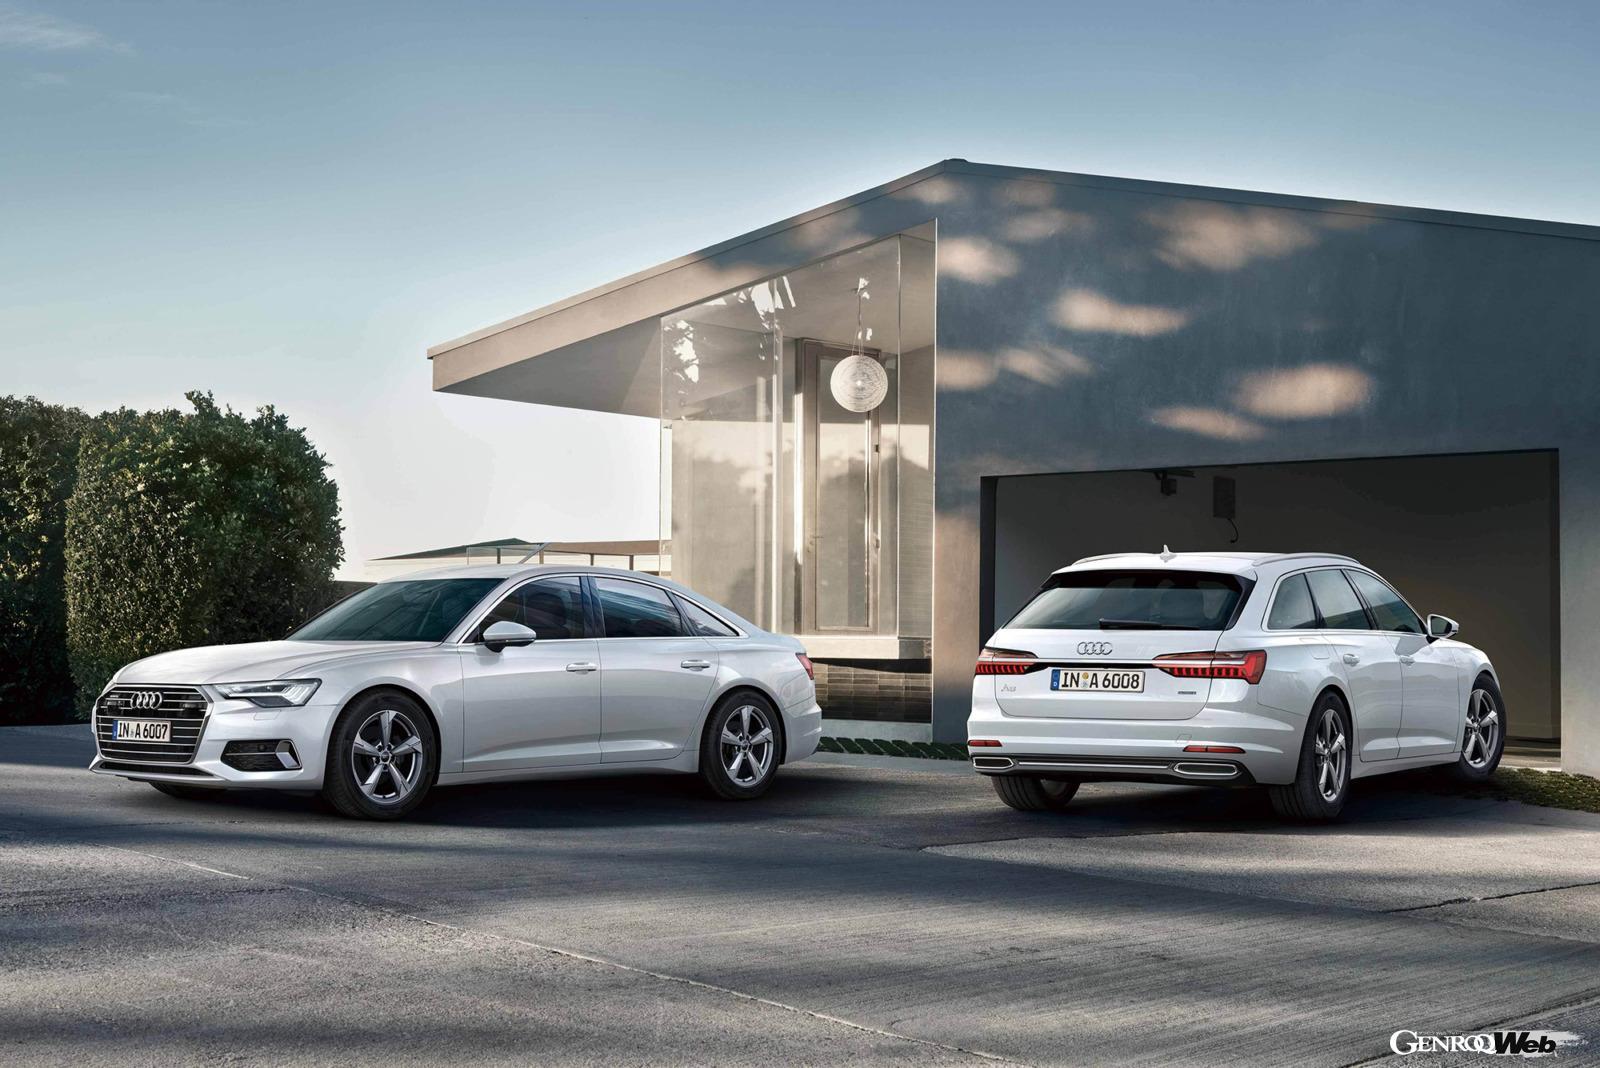 アウディA6シリーズ、エントリーグレードの価格を引き下げ。新価格は759万円から